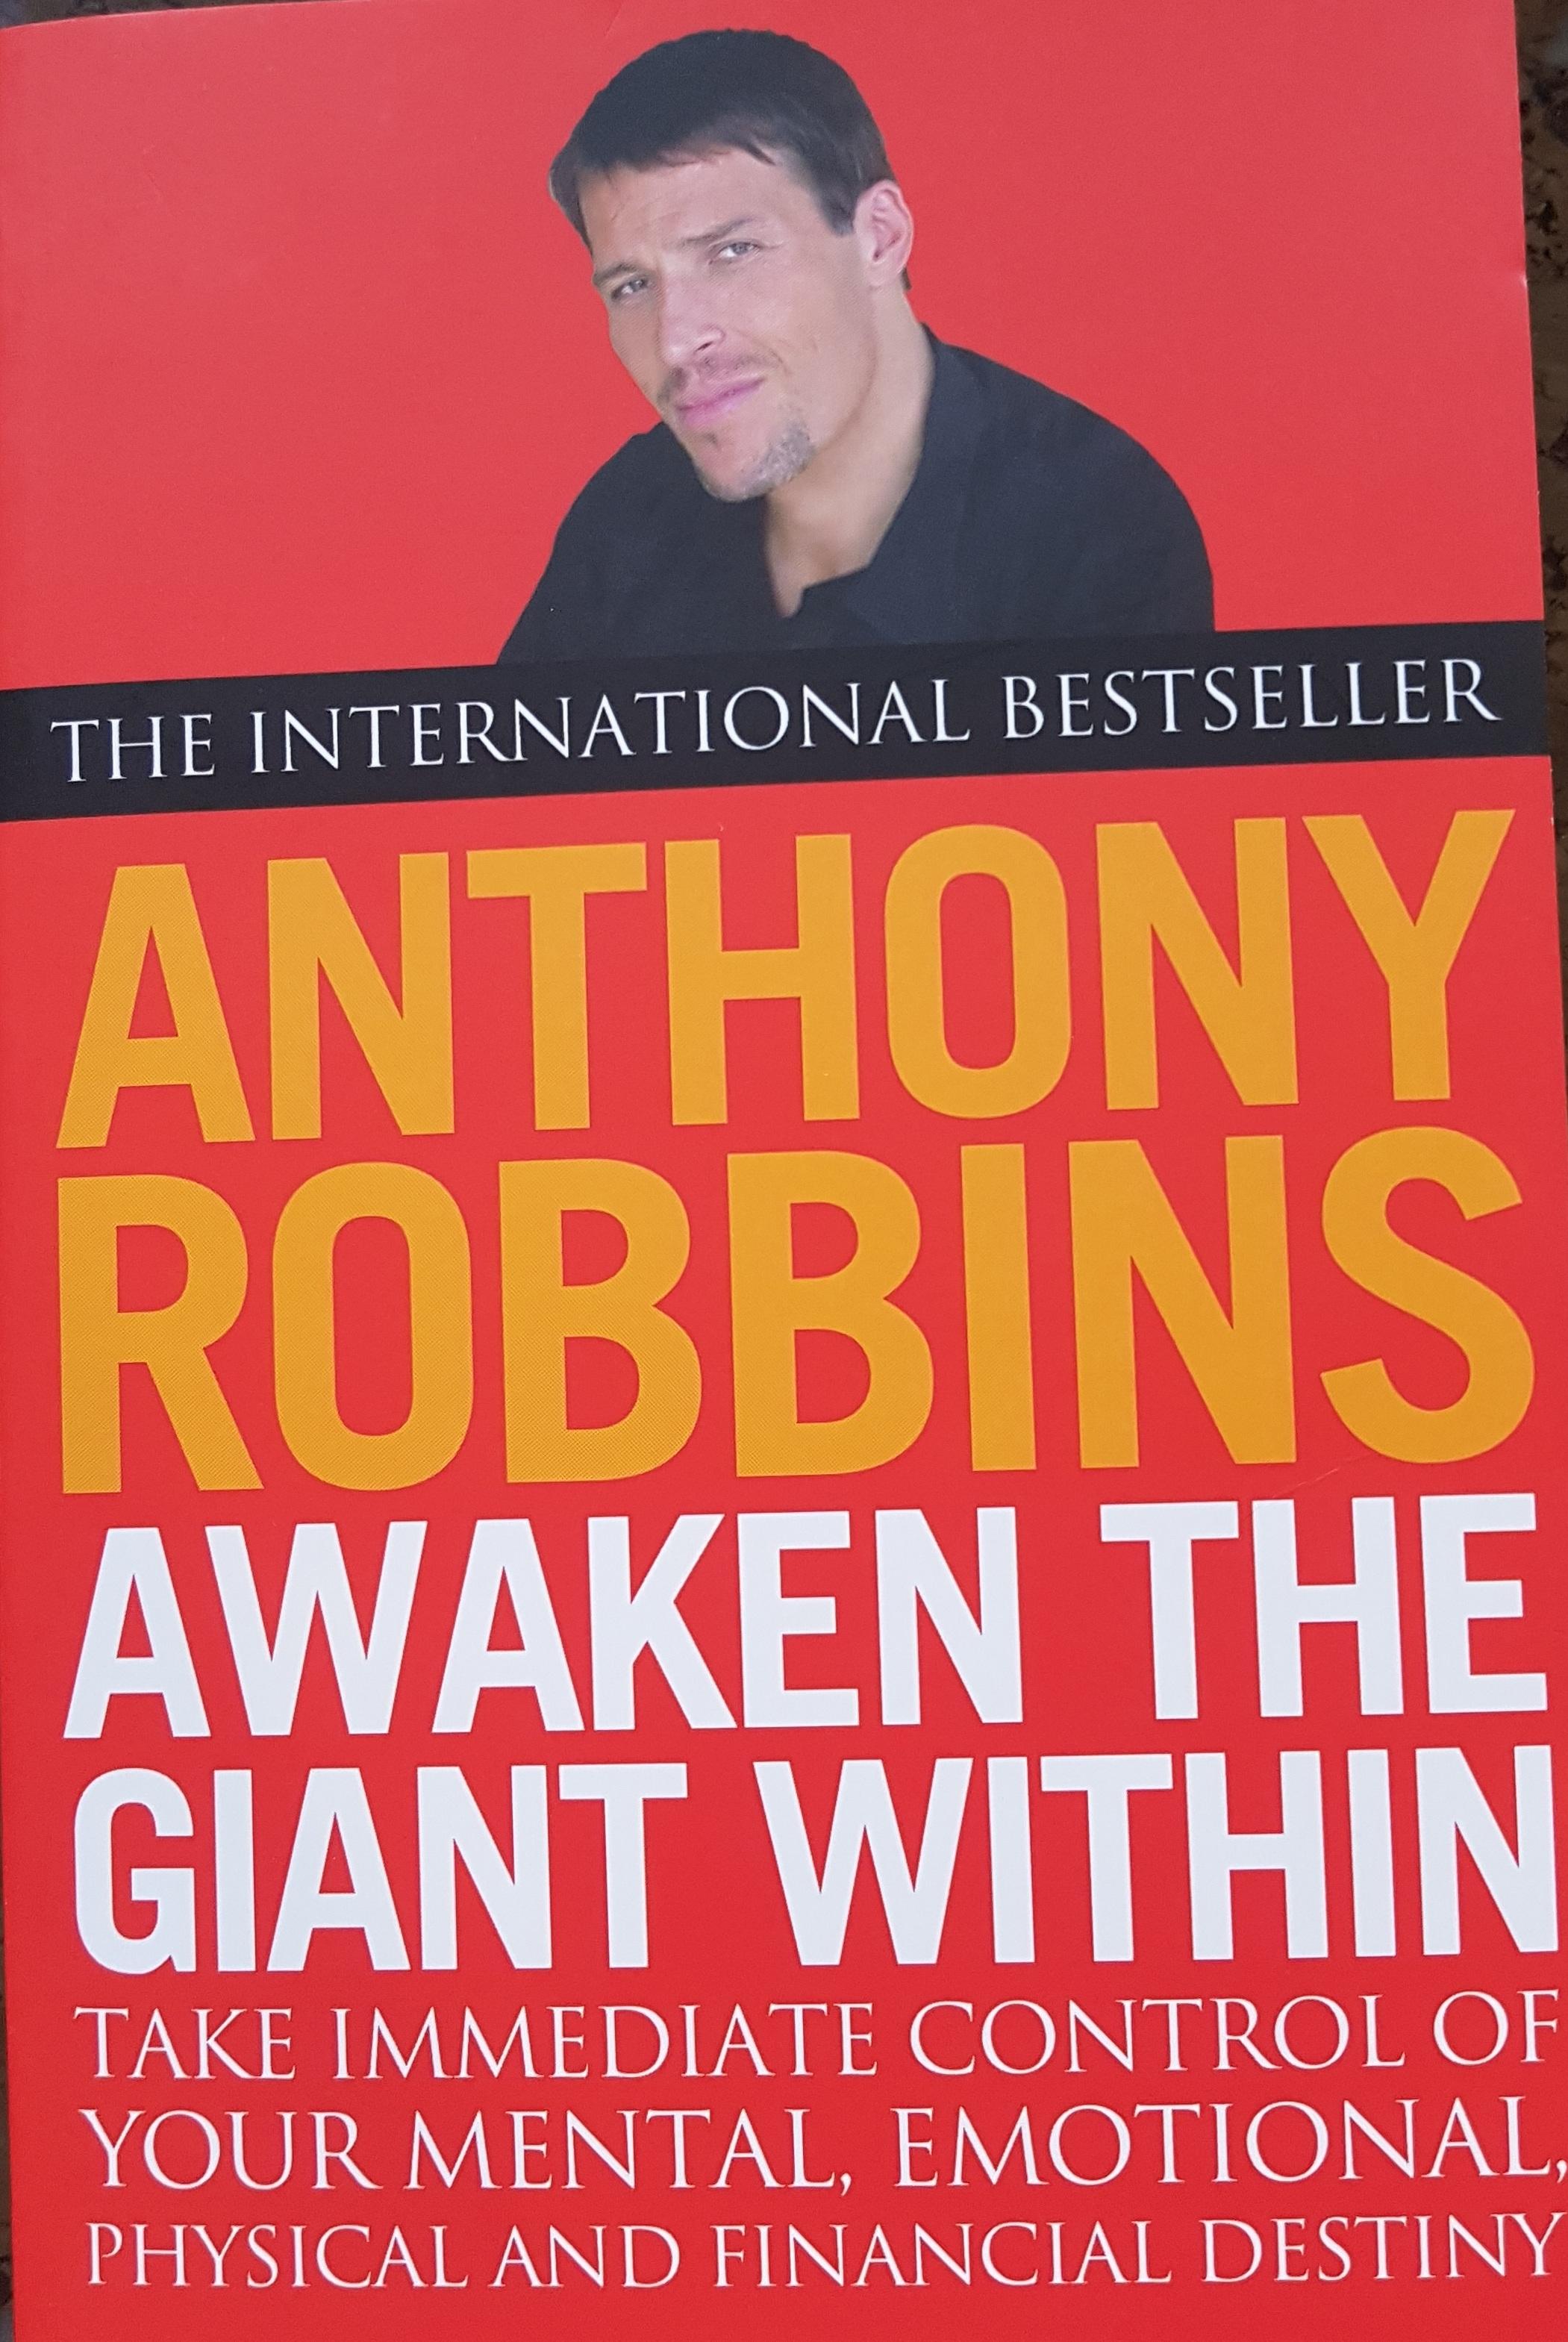 Tony+Robbins+Awaken+The+Giant+Within